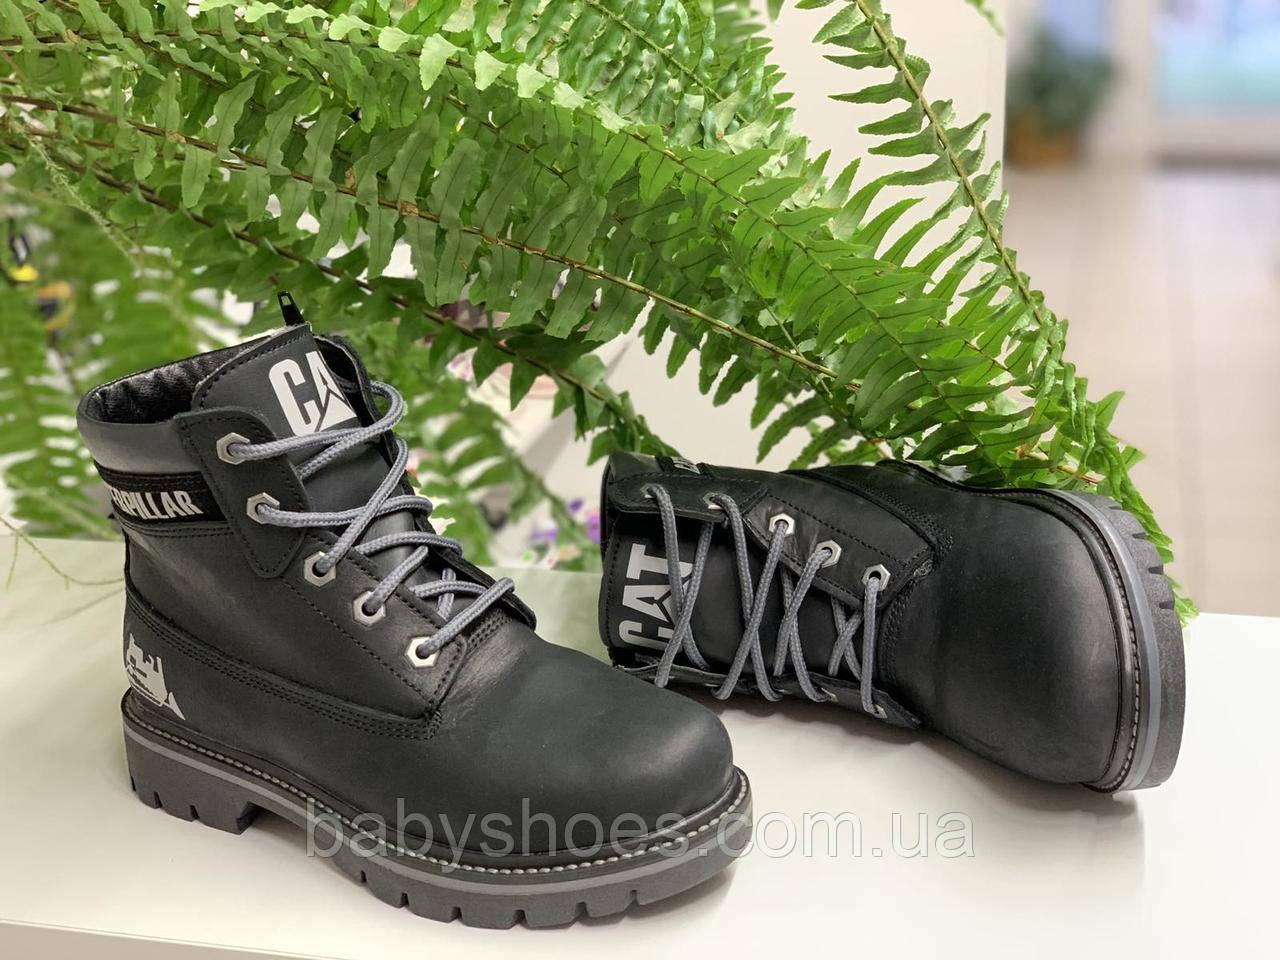 Зимние кожаные ботинки для мальчика CATERPILLAR (реплика),р.36, 38, ХЗ-4